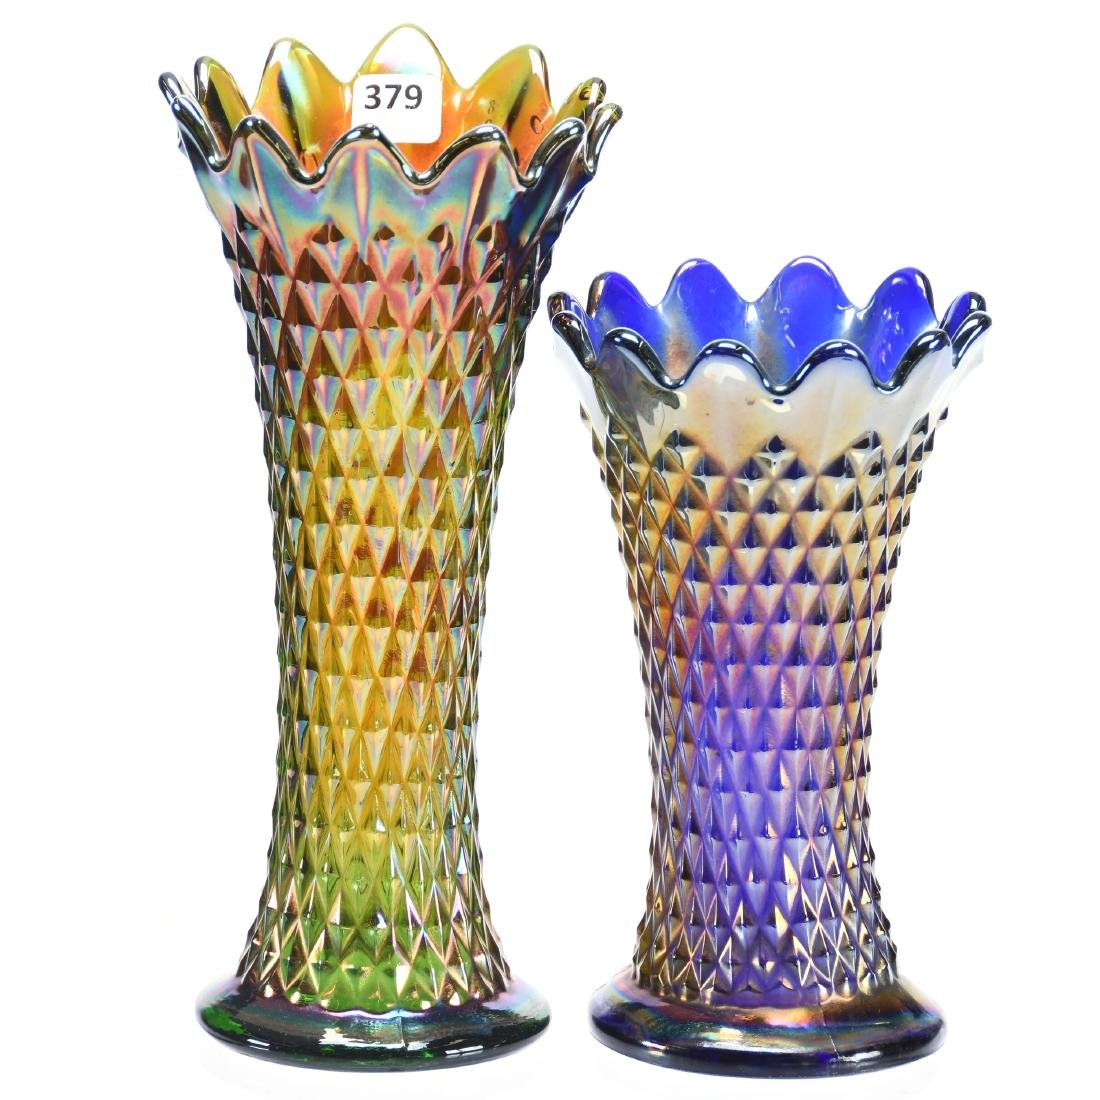 (2) Carnival Glass Vases